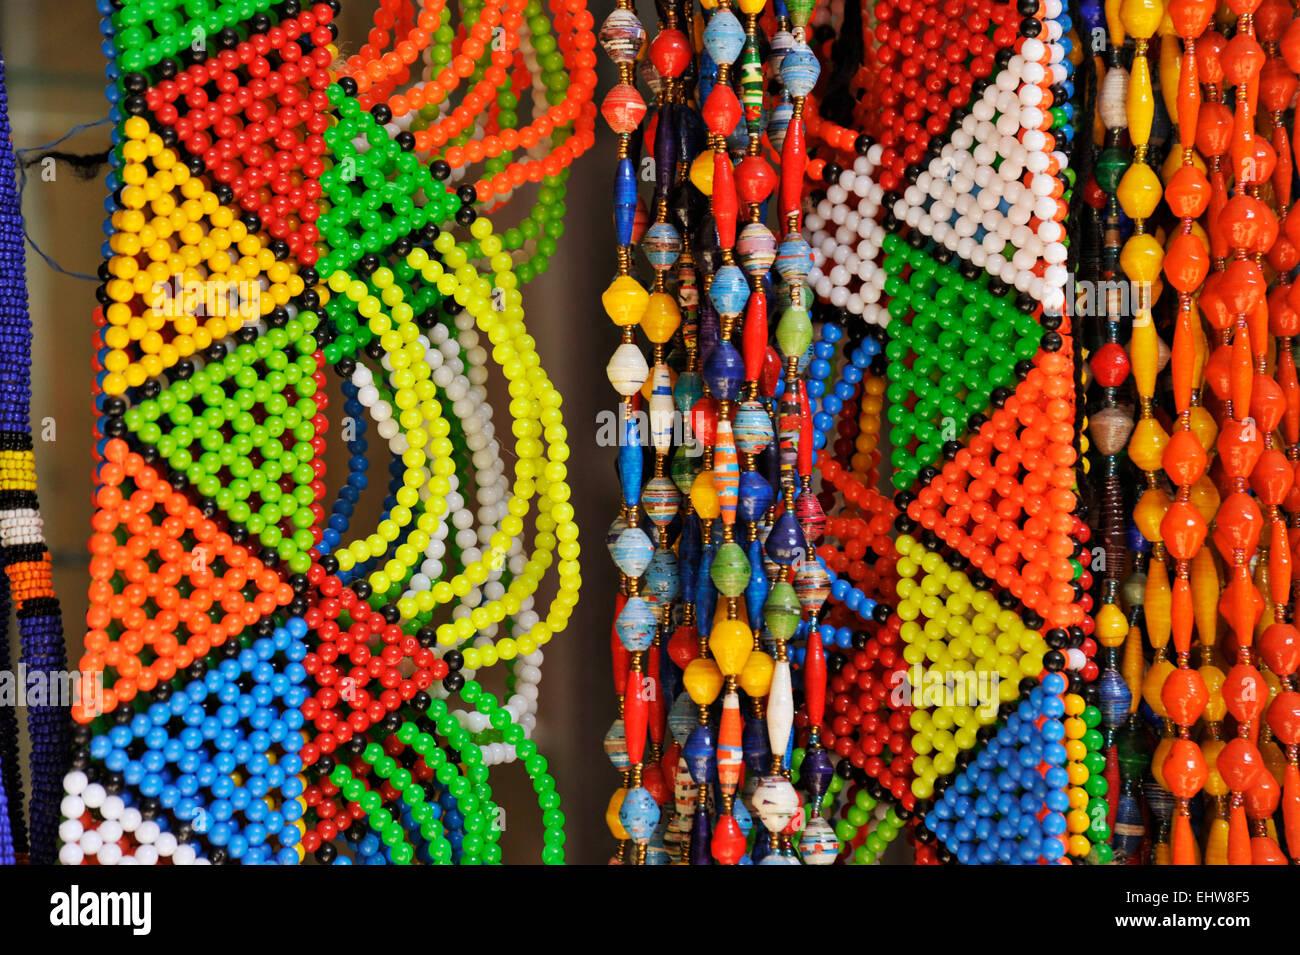 Perles traditionnelles Zulu bijoux et colliers colorés pour la vente aux  touristes au Victoria Street marché 71b994d4b196